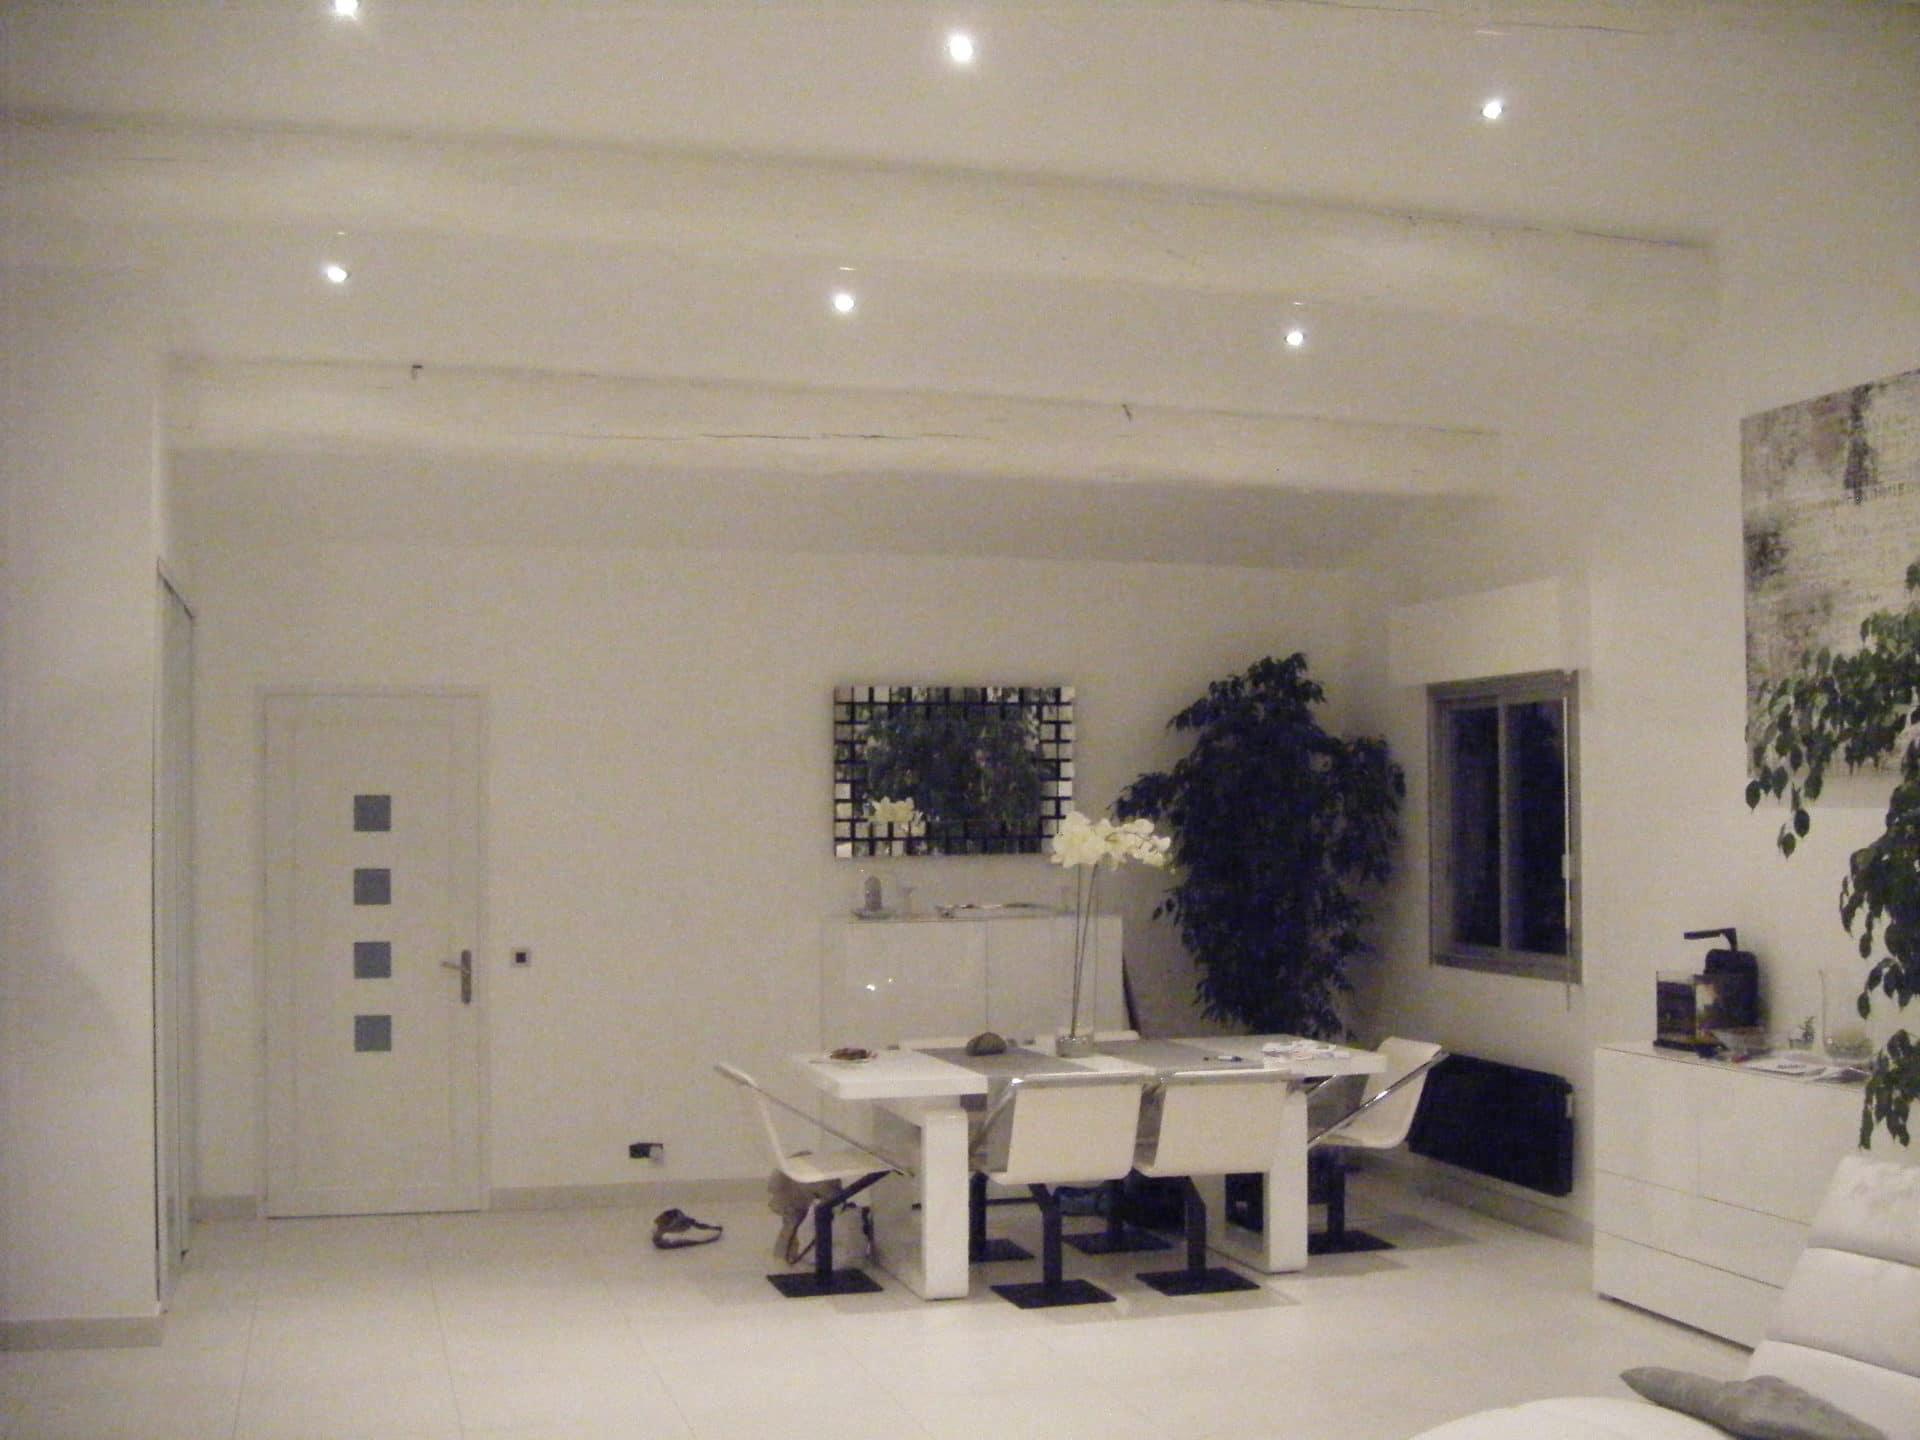 Carrelage Versace Cagnes Sur Mer rénovation d'appartement à cagnes sur mer (06) - aménagement